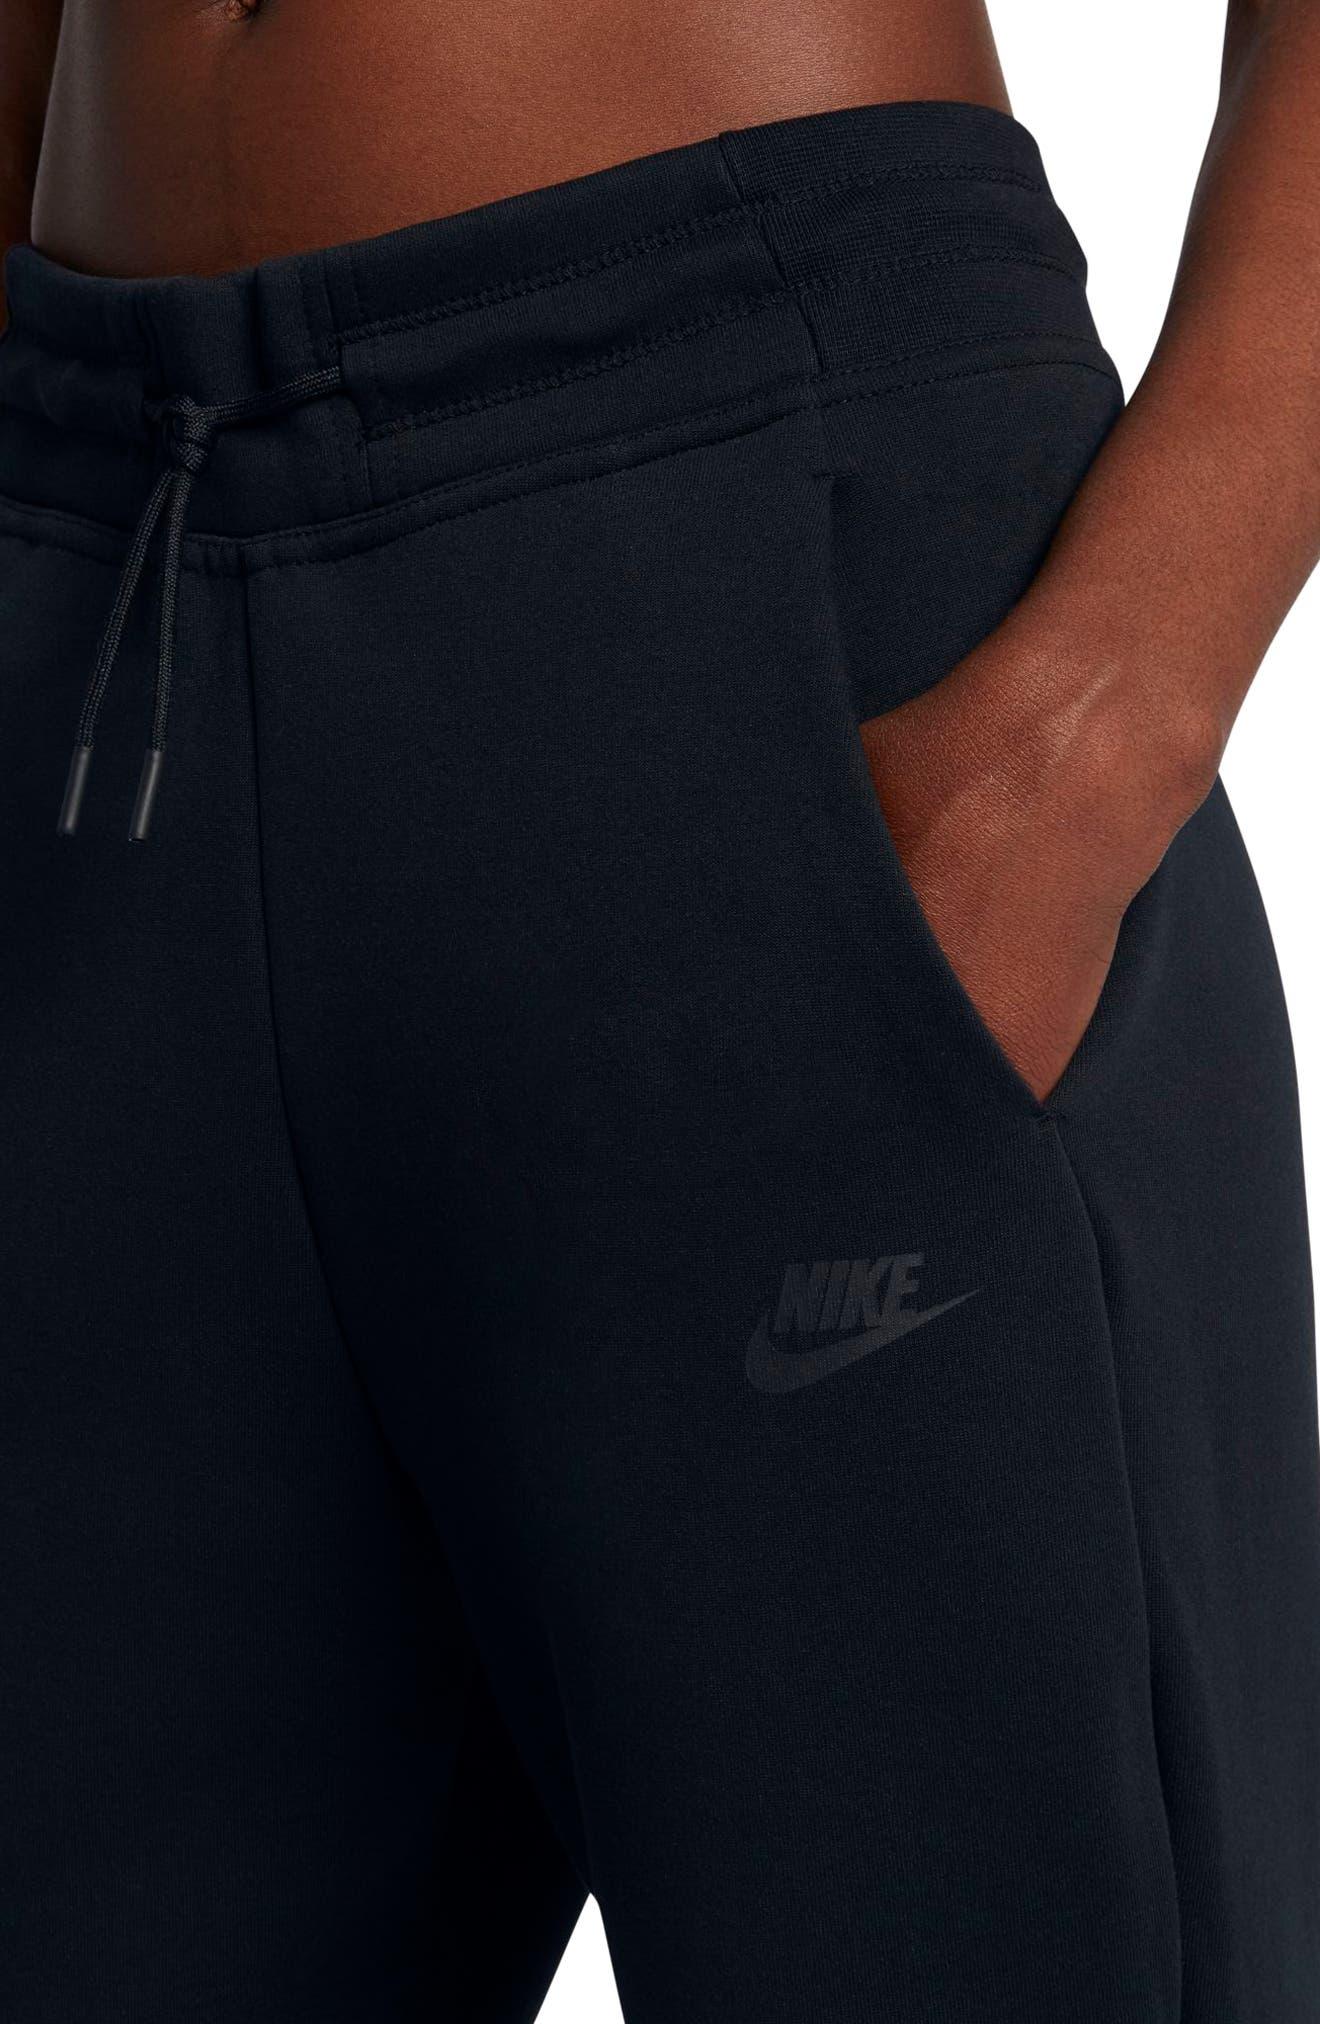 Sportswear Women's Tech Fleece Sneaker Pants,                             Alternate thumbnail 7, color,                             Black/ Black